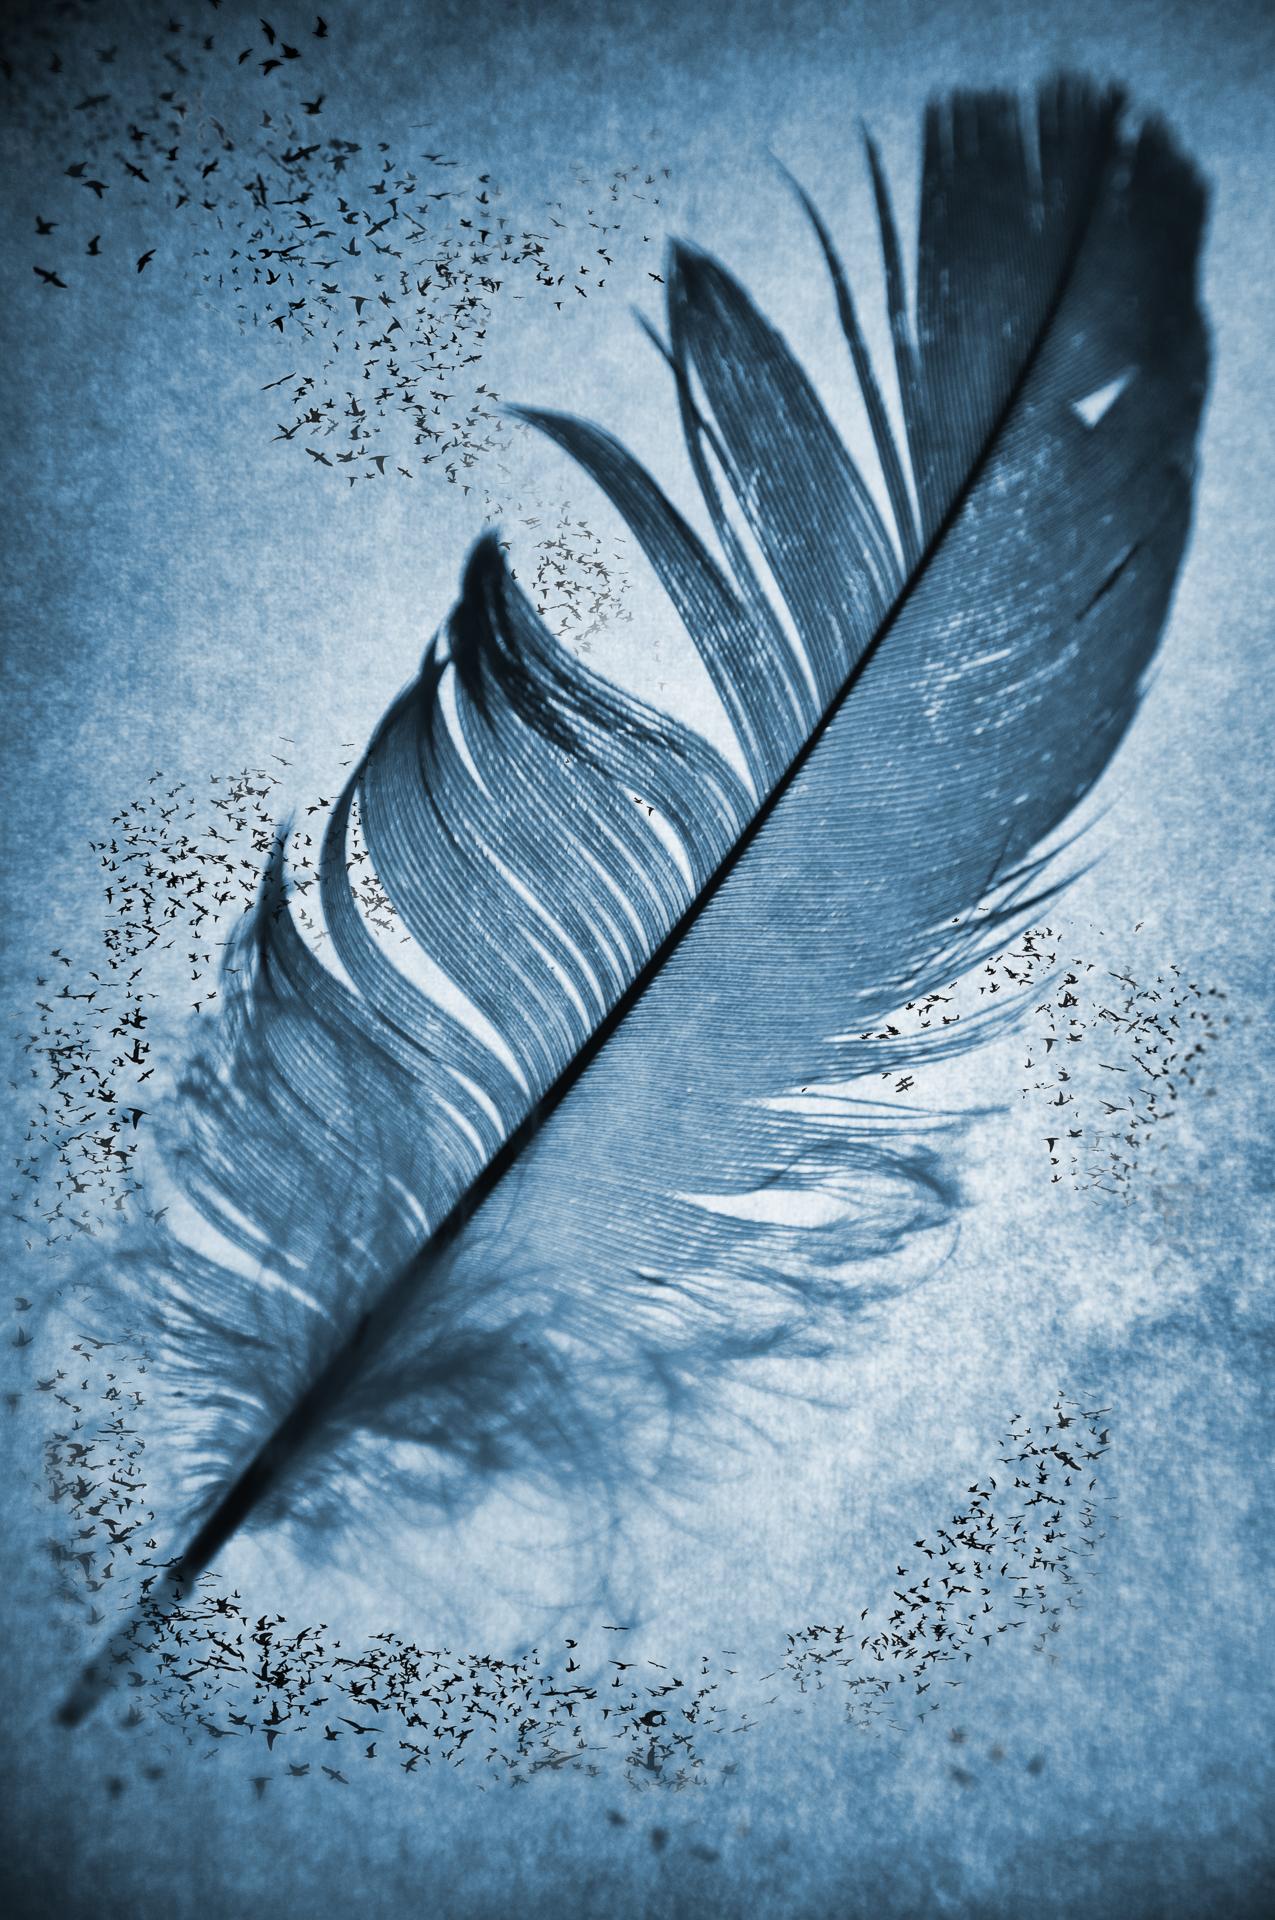 Air fine art photo